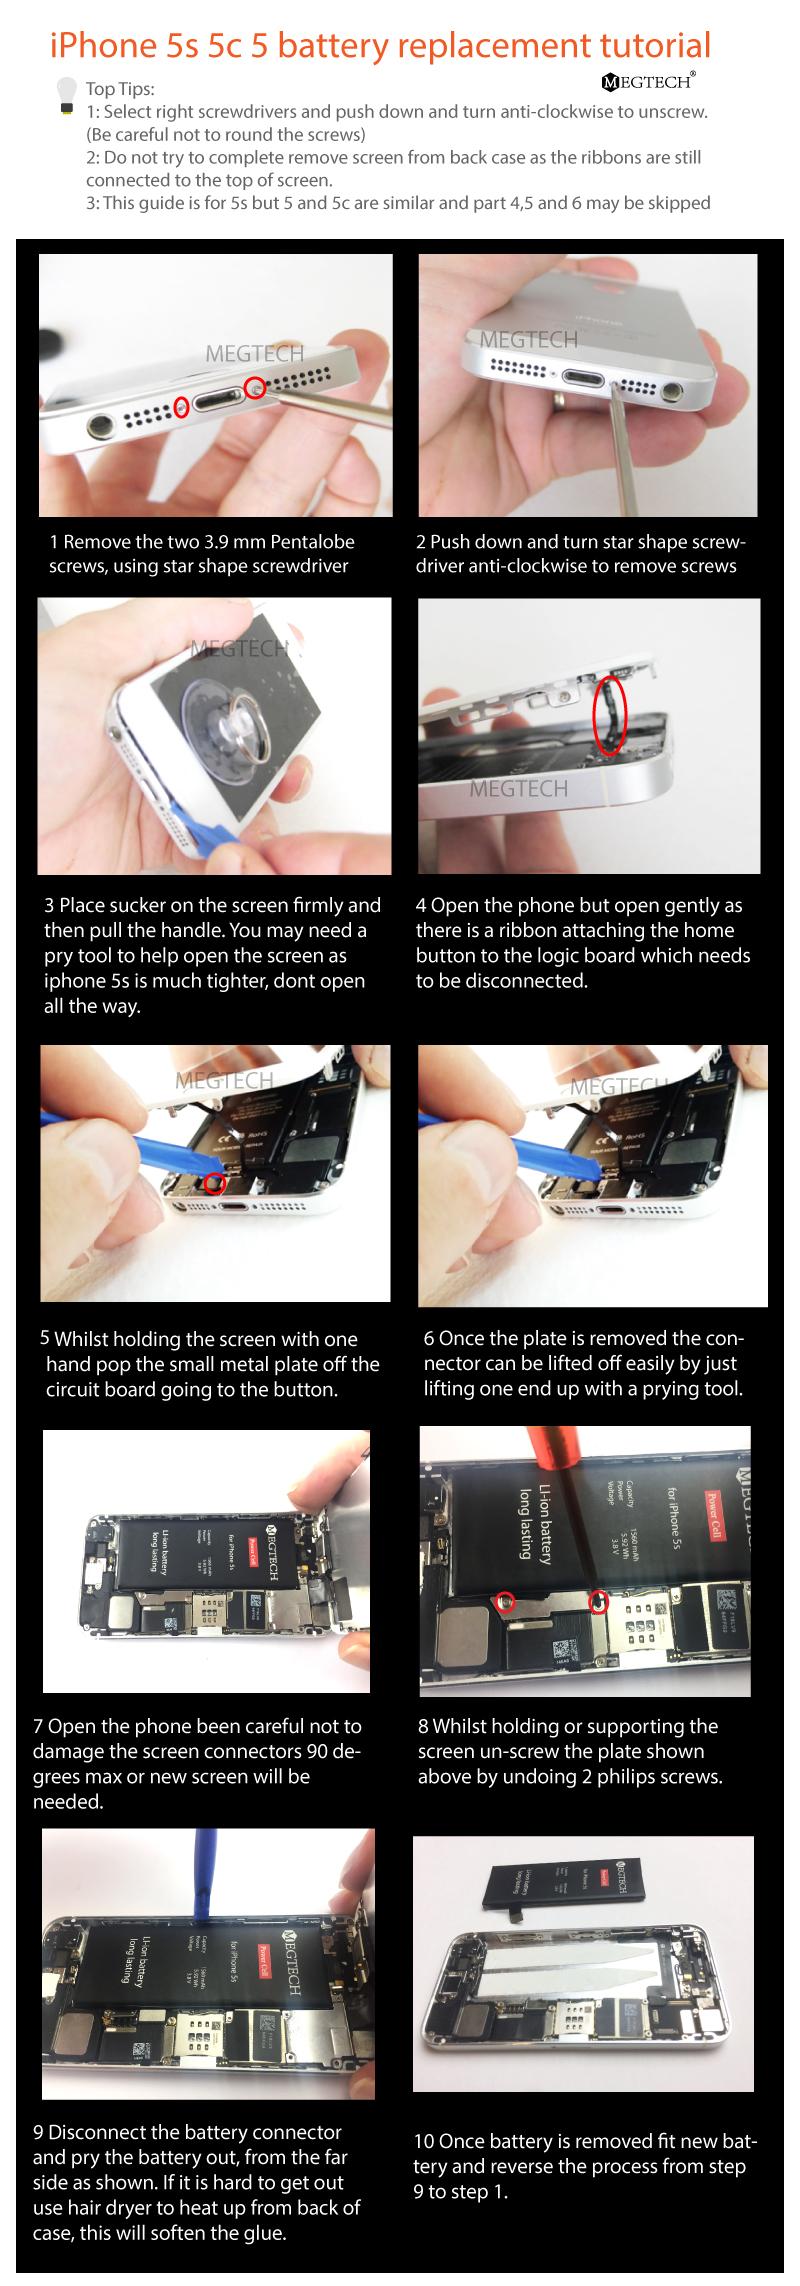 Megtech 5s tutorial